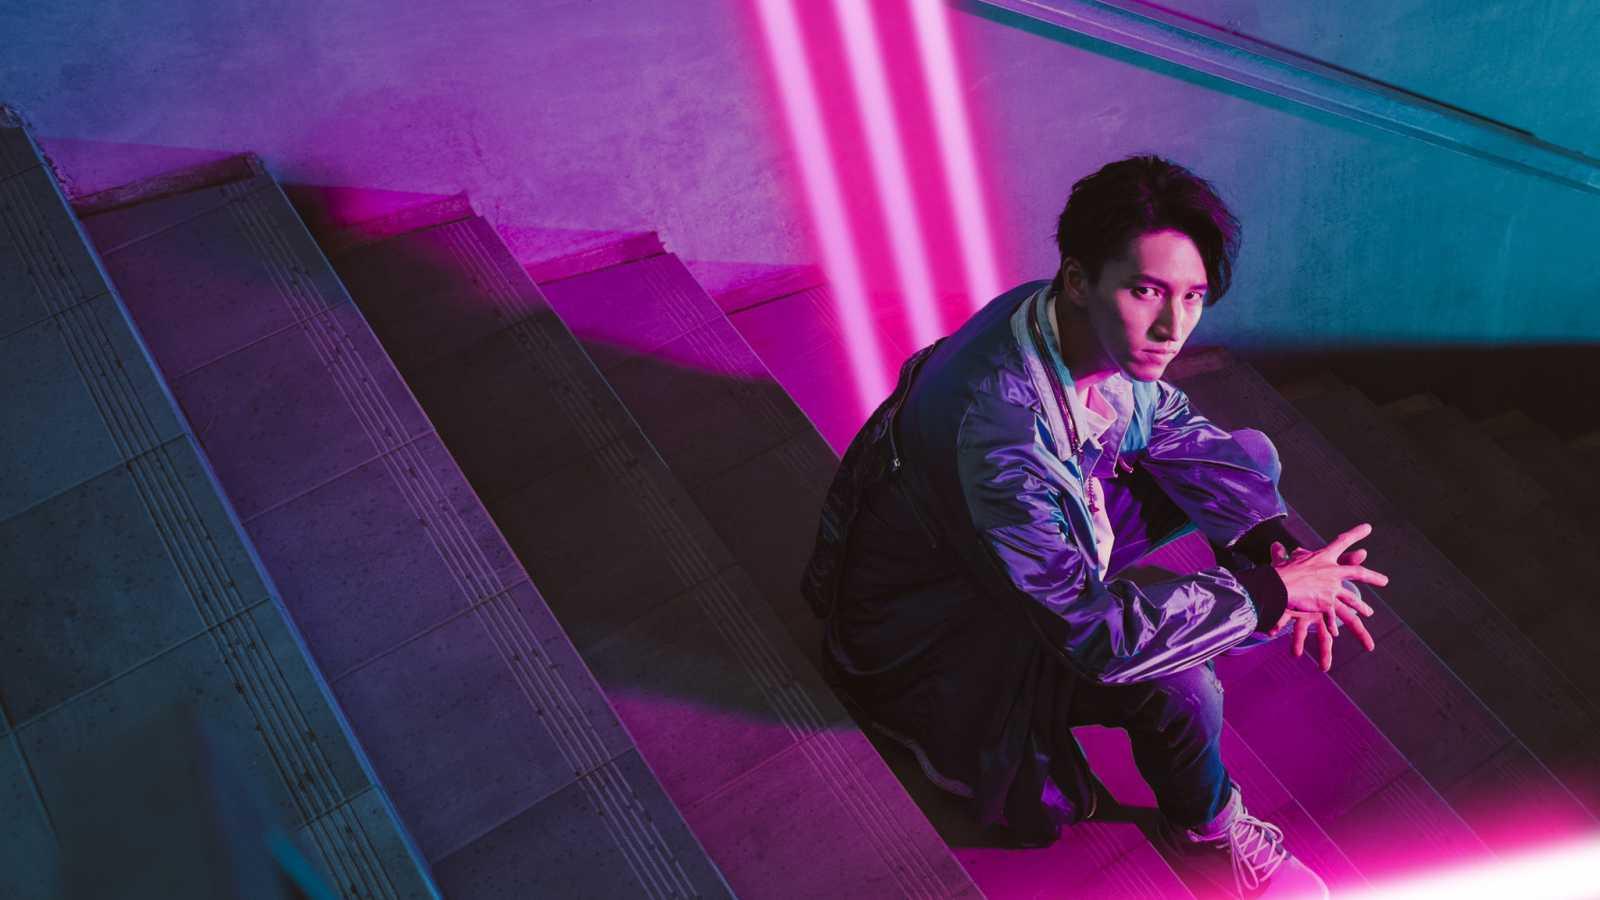 Nuevo single digital de Junnosuke Taguchi © Junnosuke Taguchi. All rights reserved.